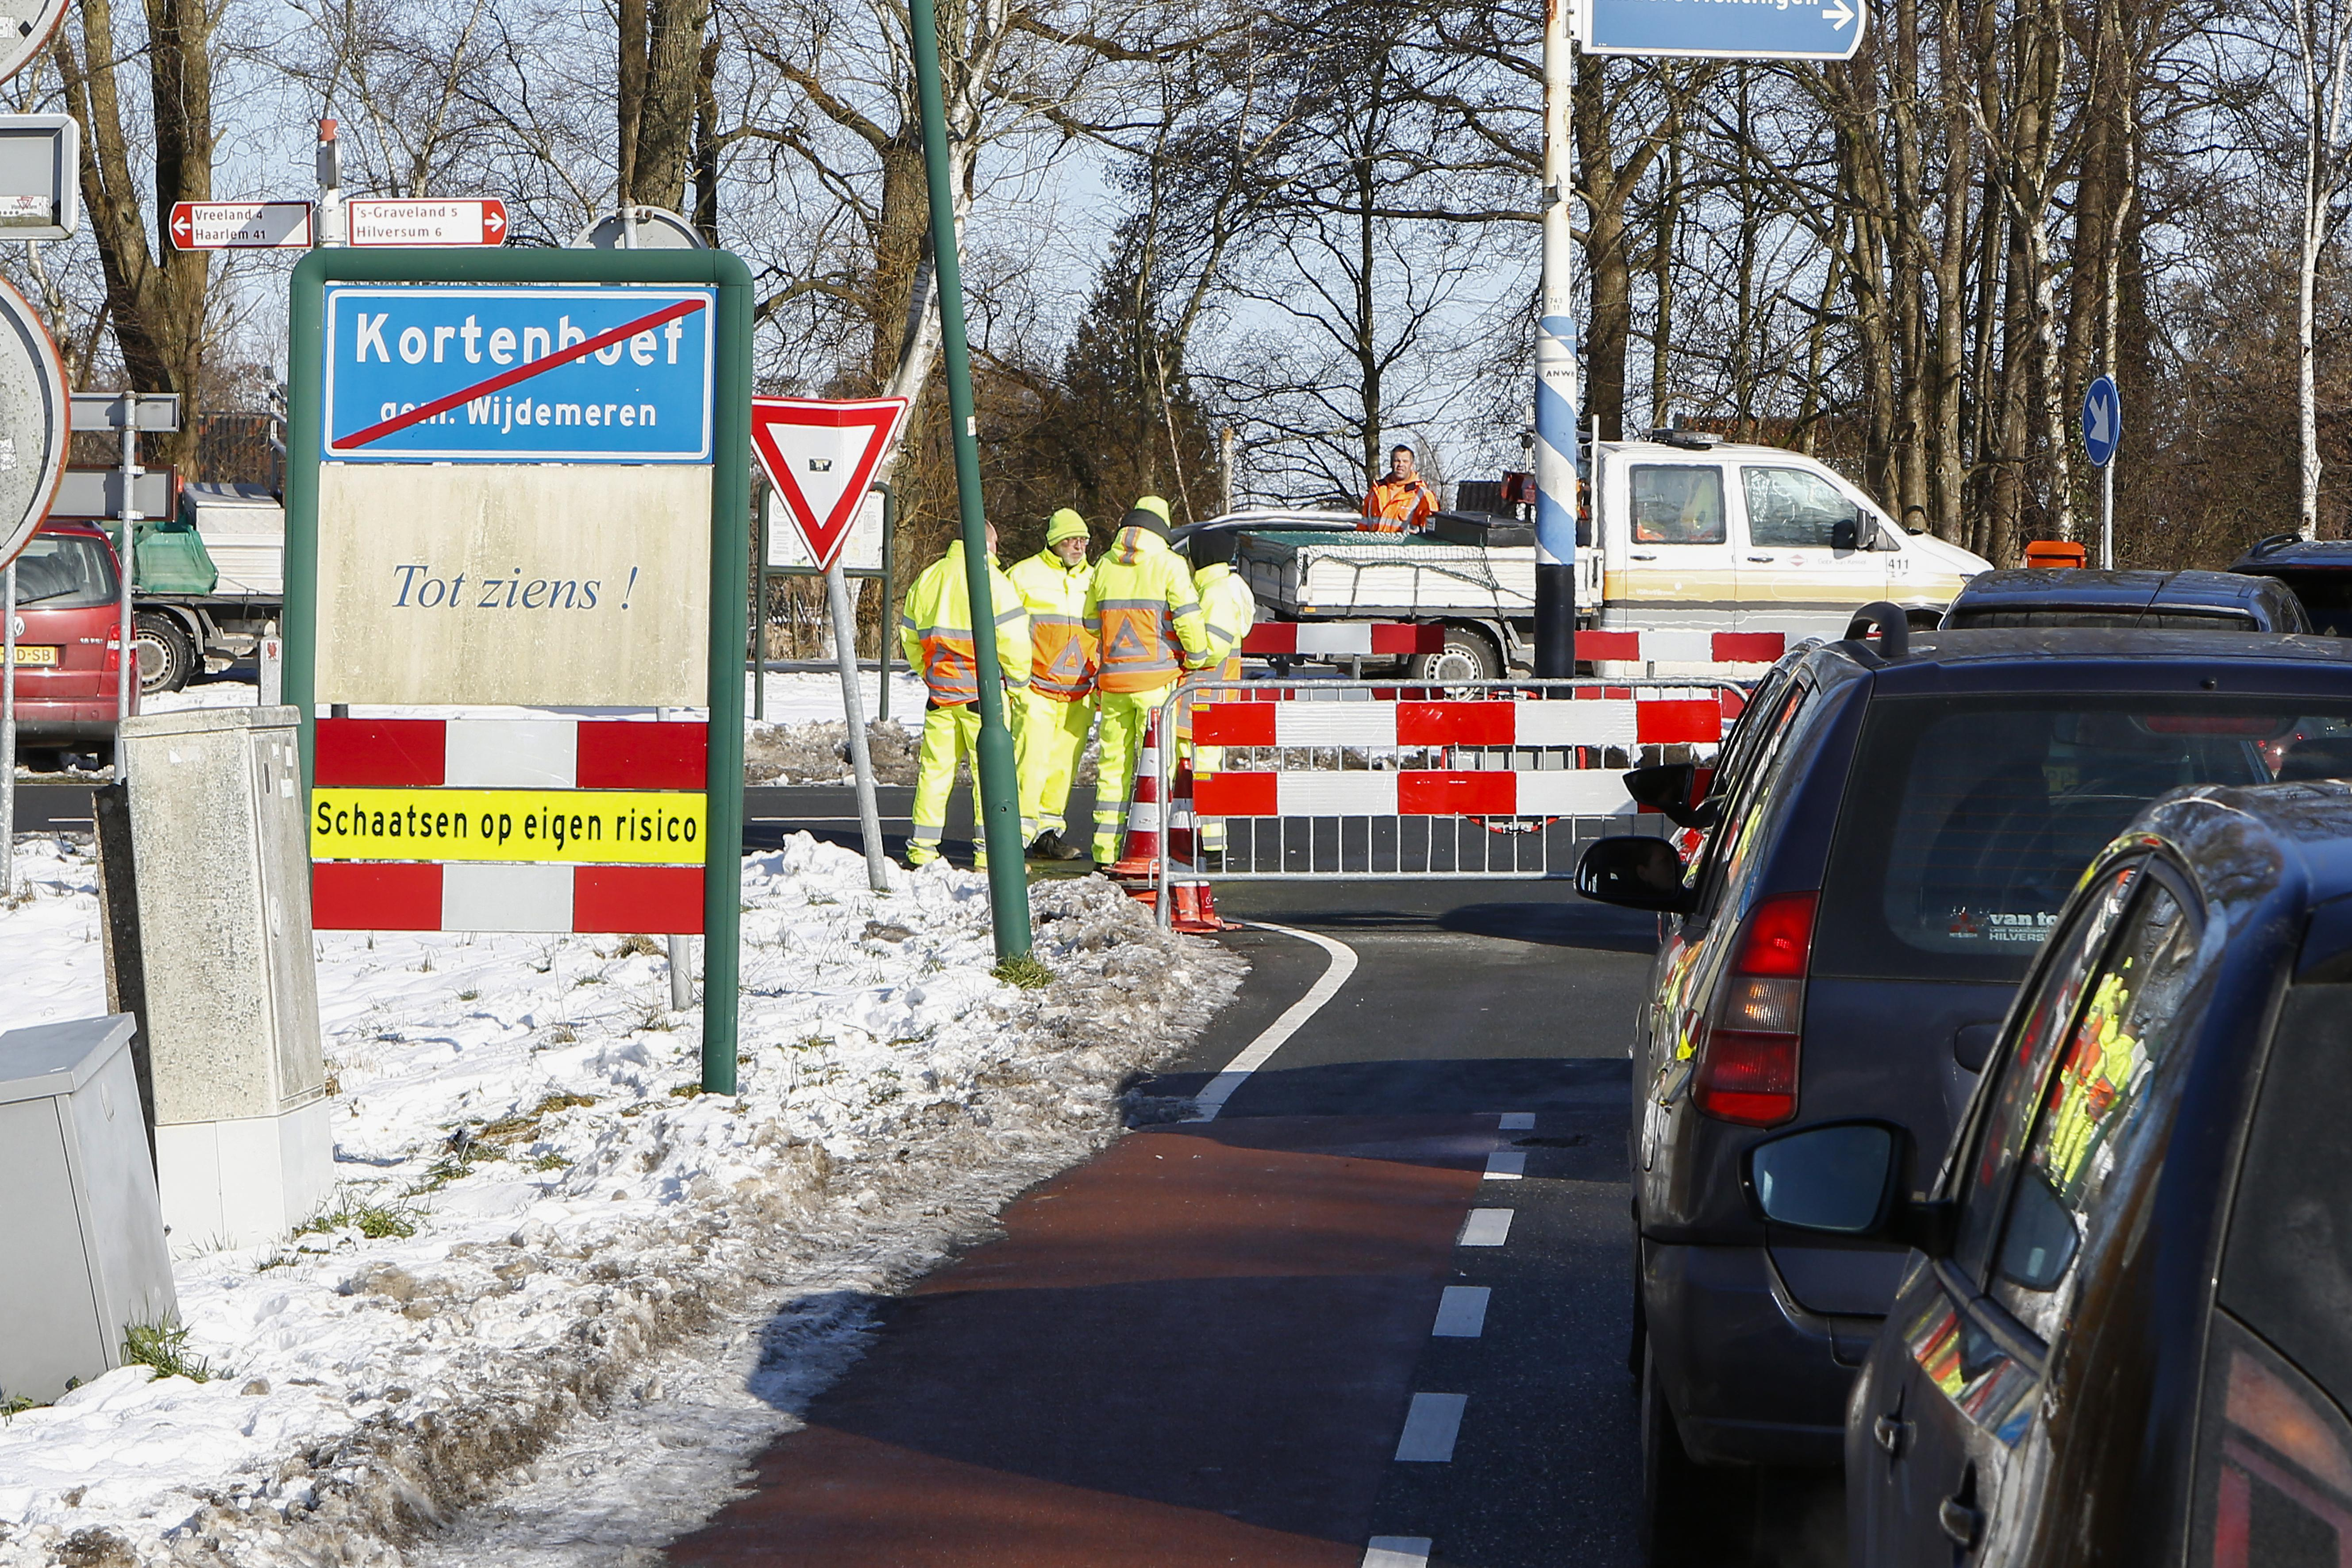 'Het is te druk op de wegen van en naar de Plassen.' Wegen in Kortenhoef, Ankeveen en Loosdrecht door gemeente afgesloten